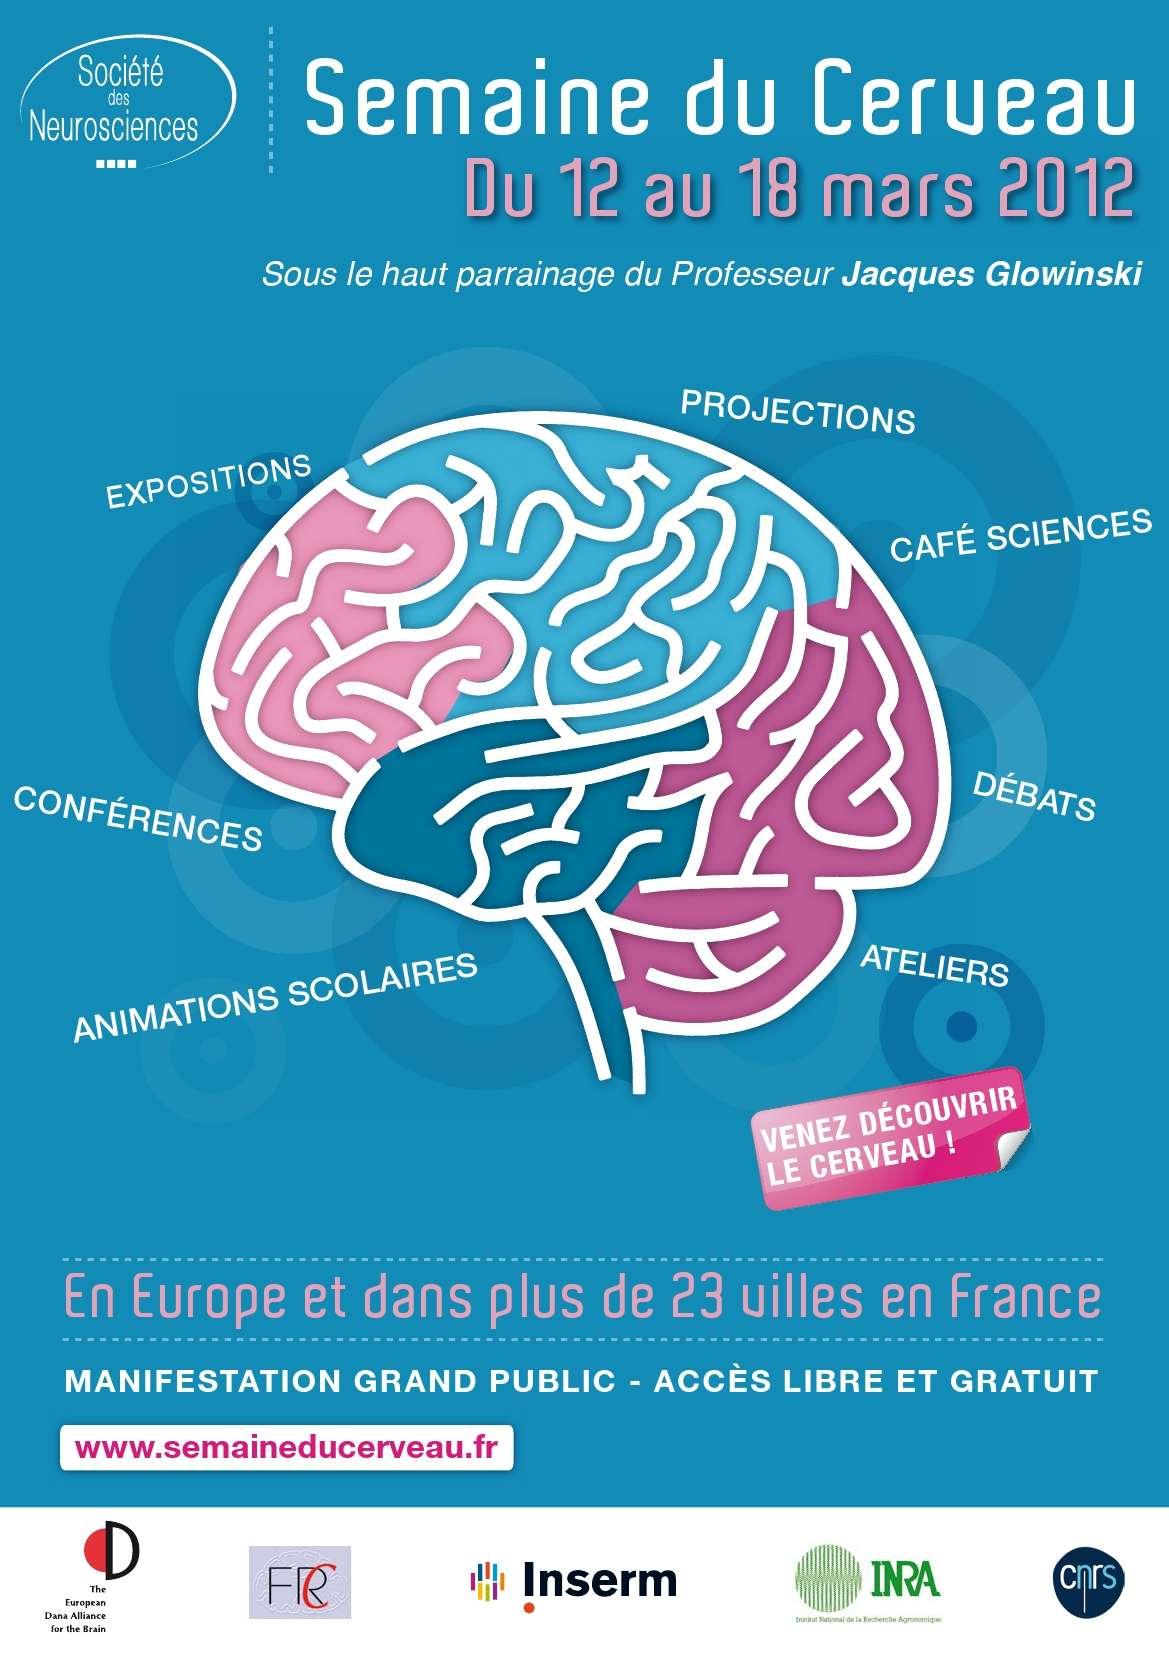 La Semaine du cerveau se tiendra du 12 au 18 mars sur toute la France. Vous pourrez débattre de la maladie d'Alzheimer à Lille et de la maladie de Parkinson à Paris, travailler votre mémoire à Strasbourg ou régénérer votre cerveau à Marseille. © Société des neurosciences